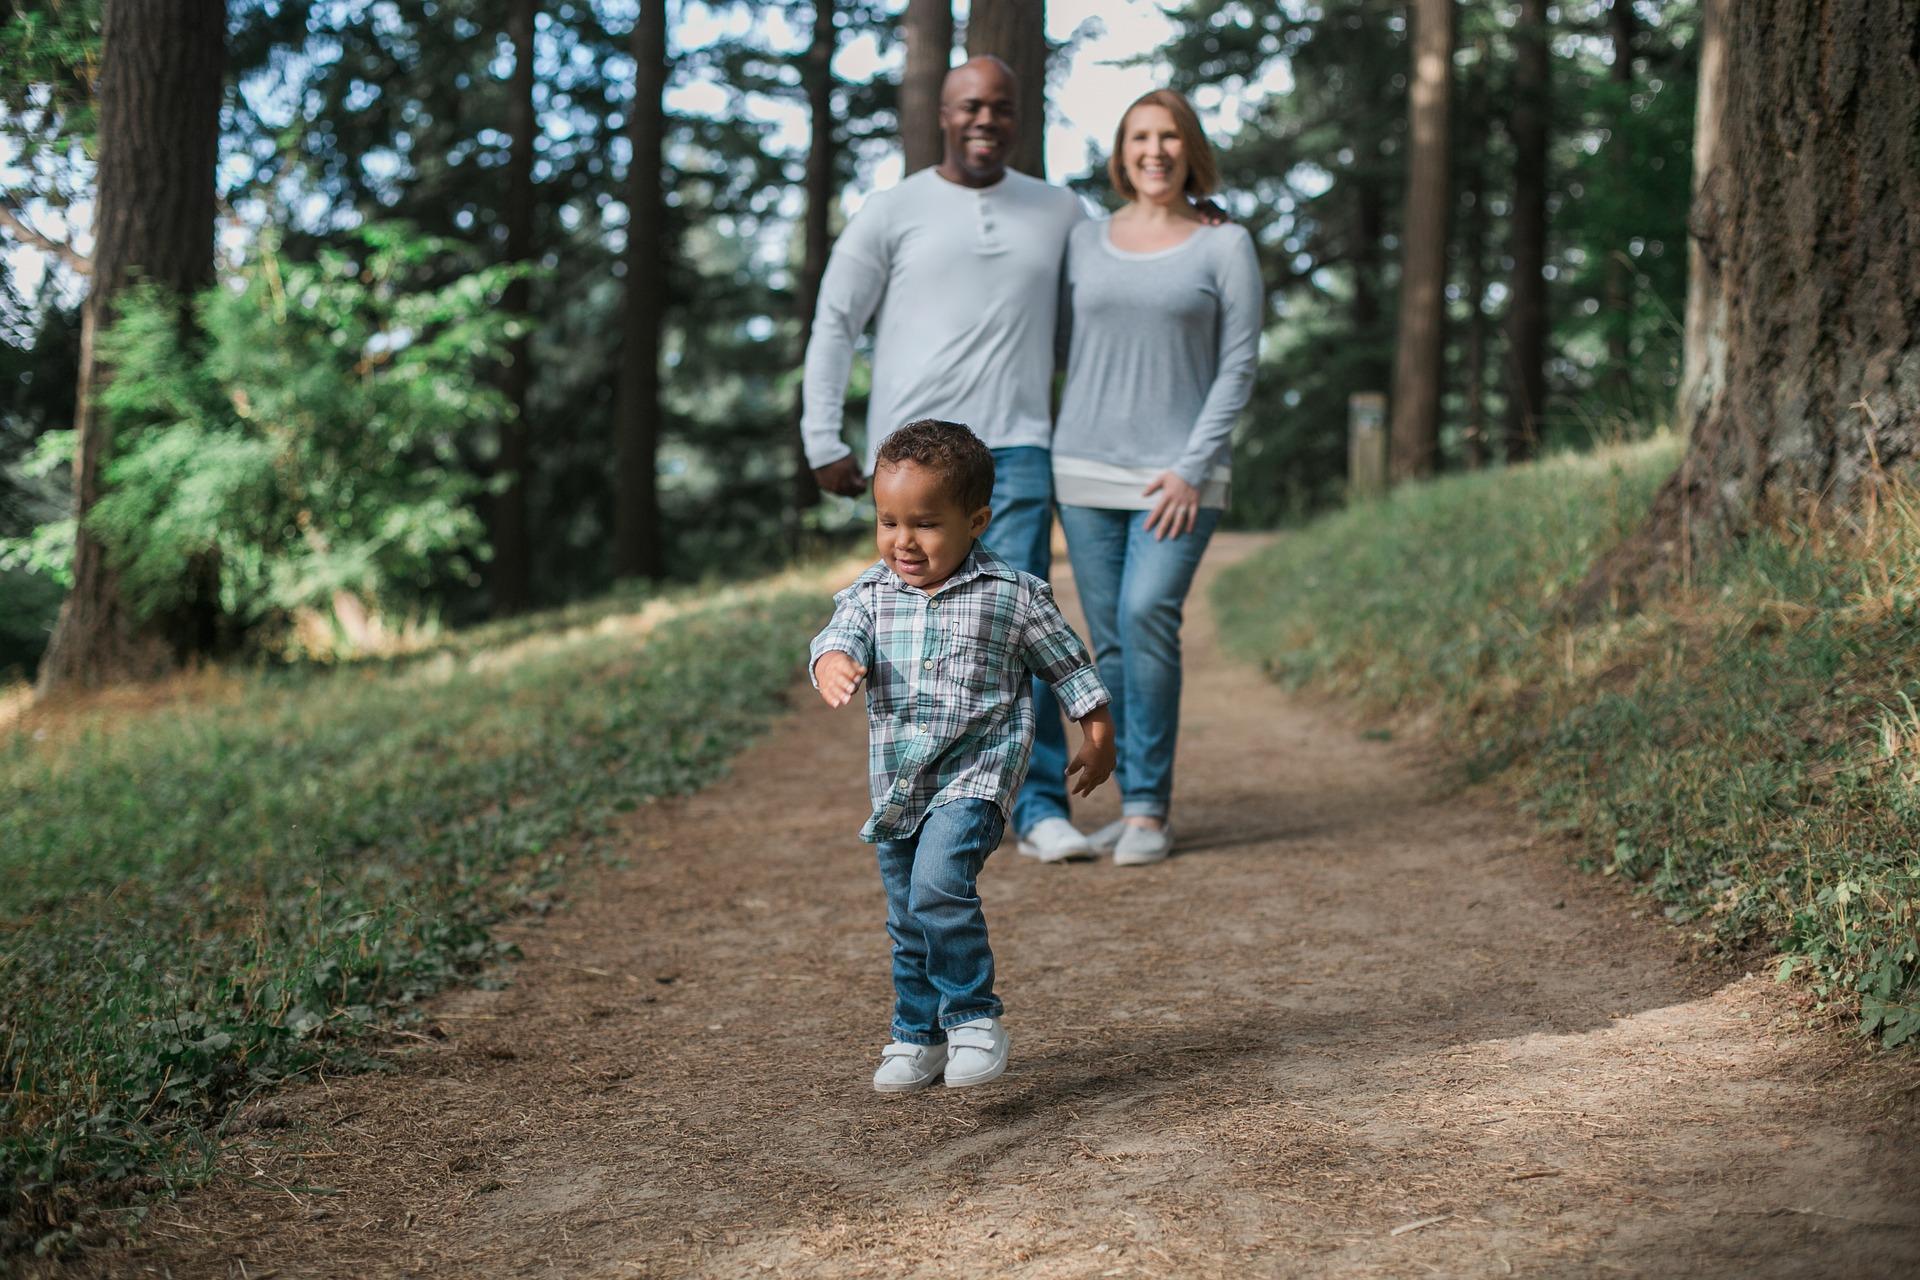 Pacchetto famiglia: contributi a sostegno delle famiglie in temporanea difficoltà